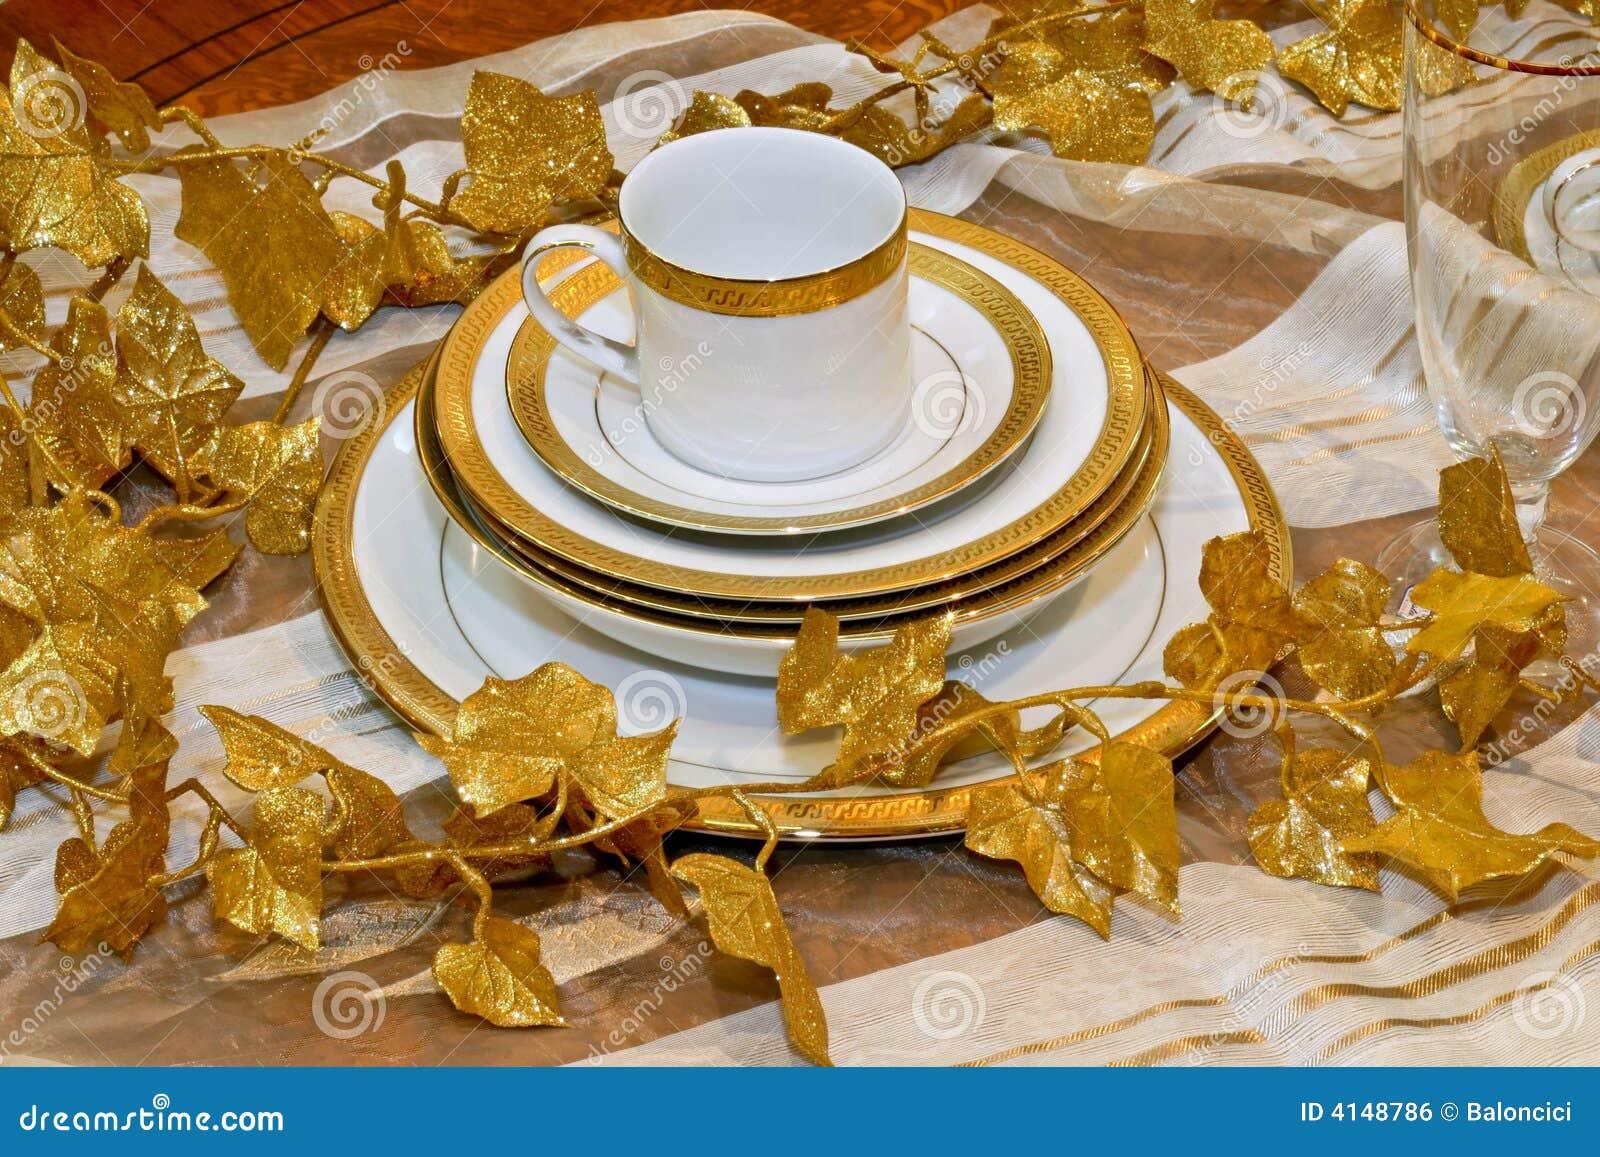 Loza de oro